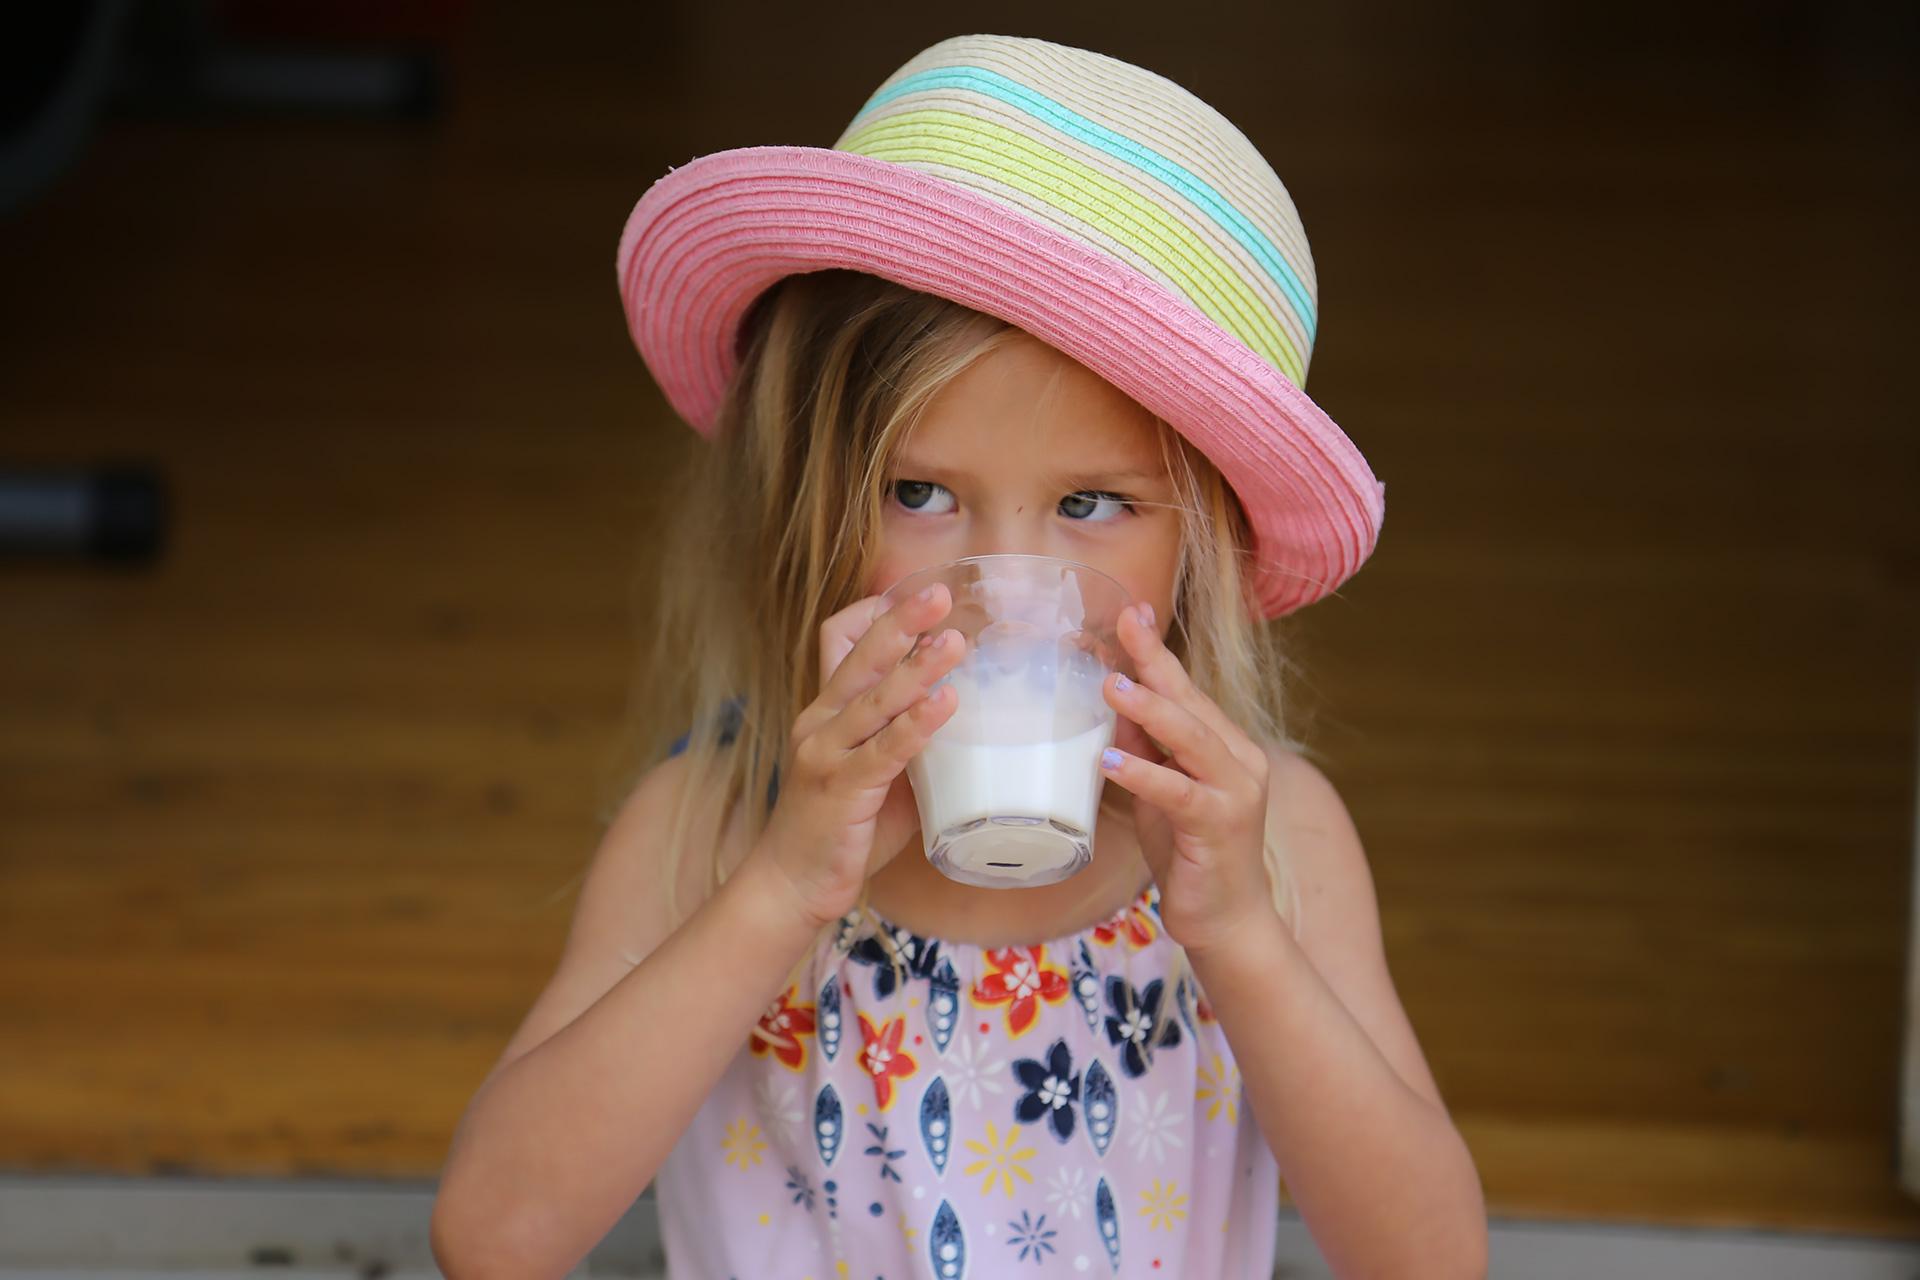 Taste-testing the milk for flavor